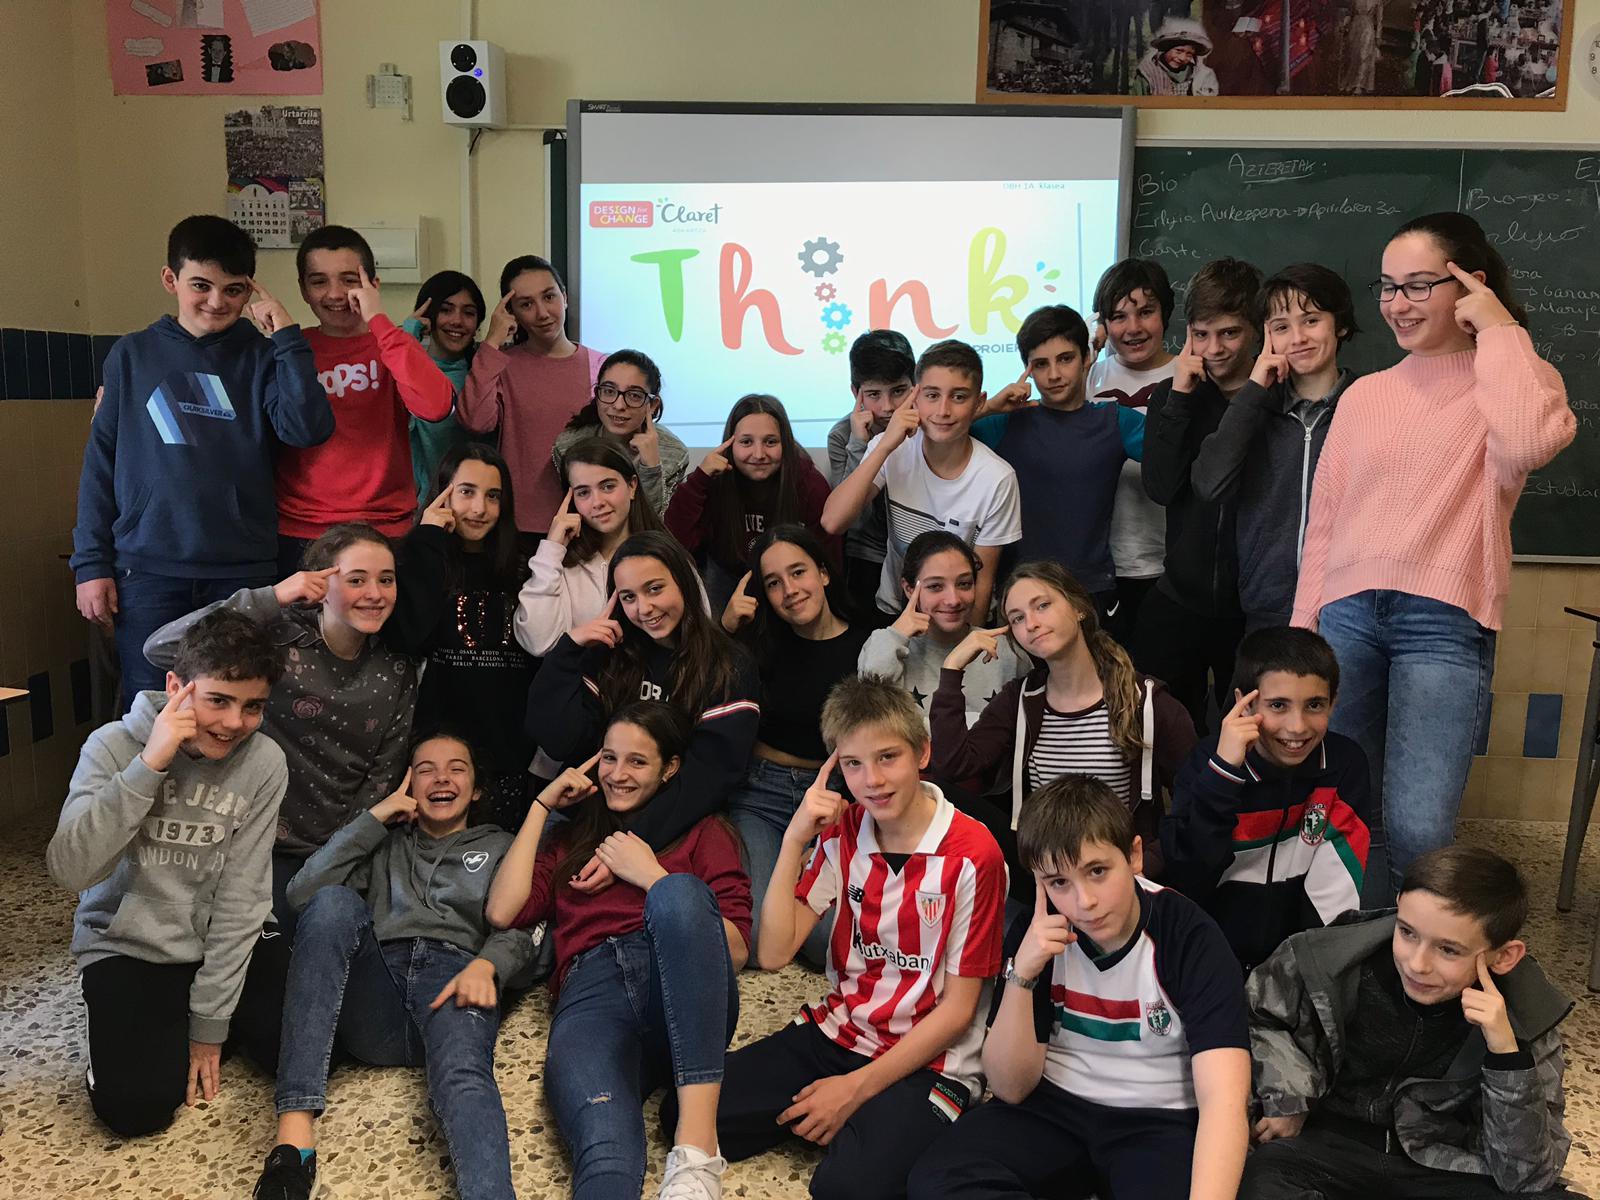 Think, proyecto para combatir el Ciberbullying de los alumnos de Leioa (Bizkaia)